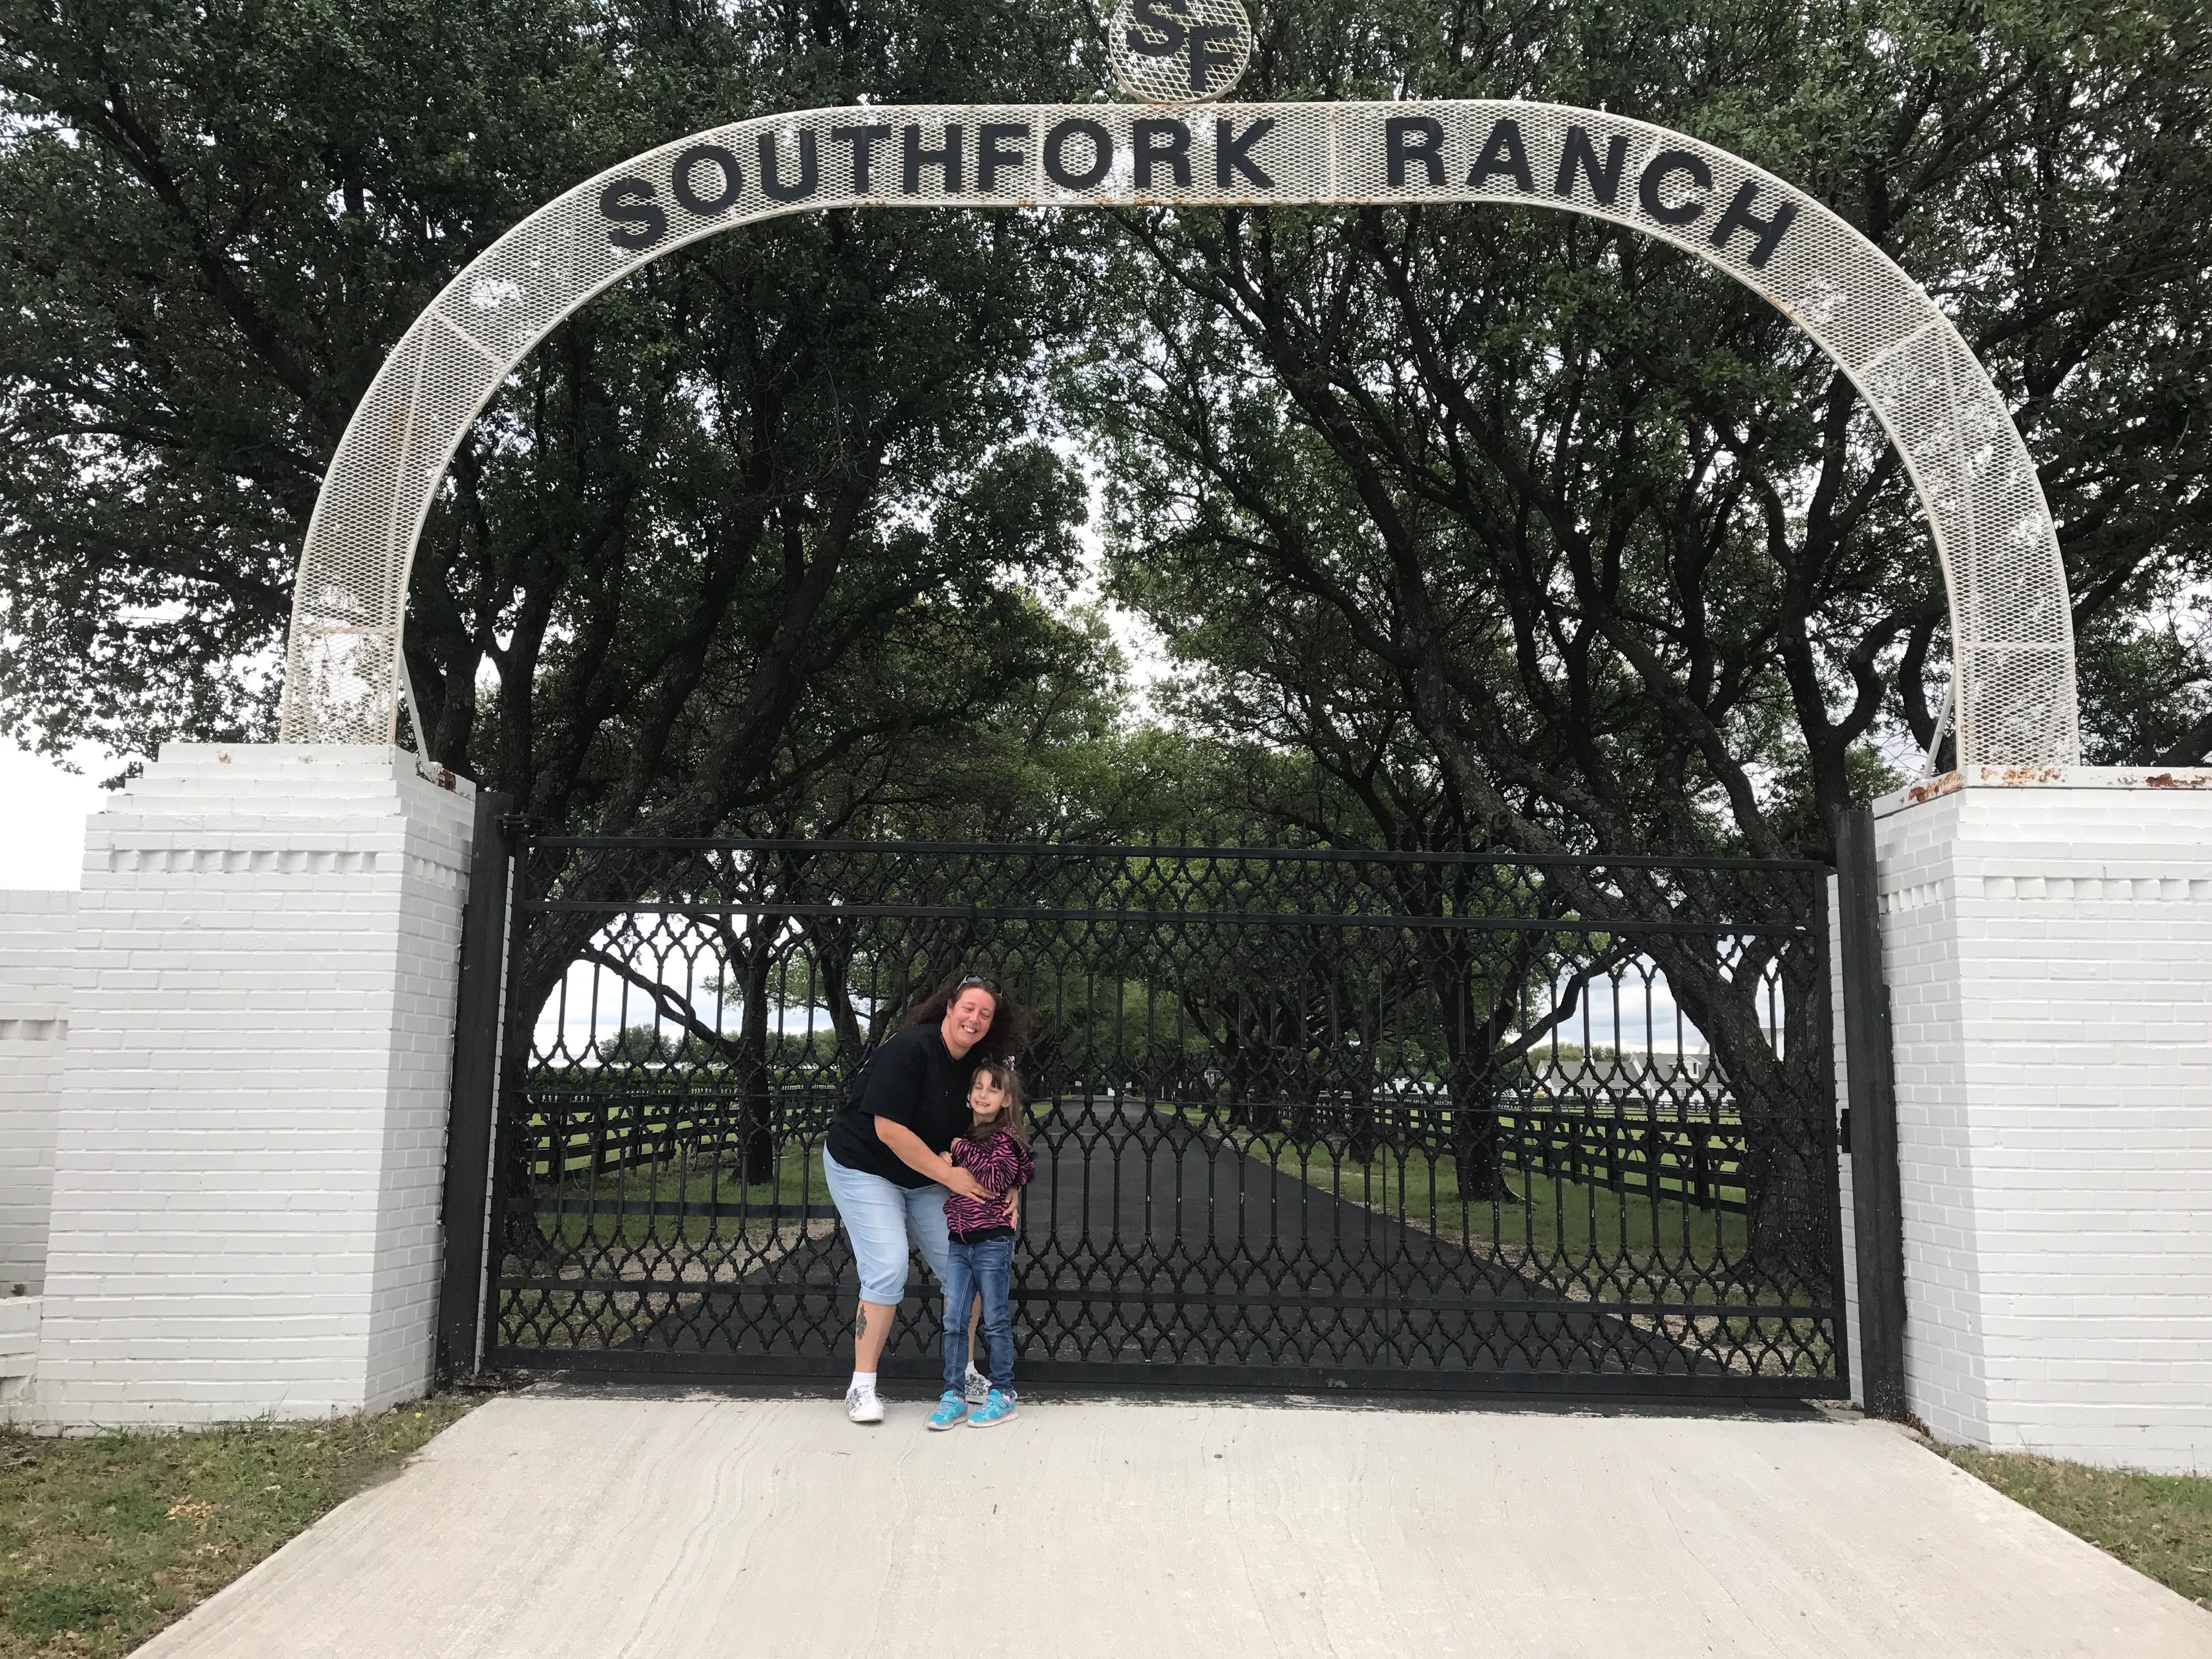 southfork ranch u2013 dallas texas u2013 full time rv life random bits